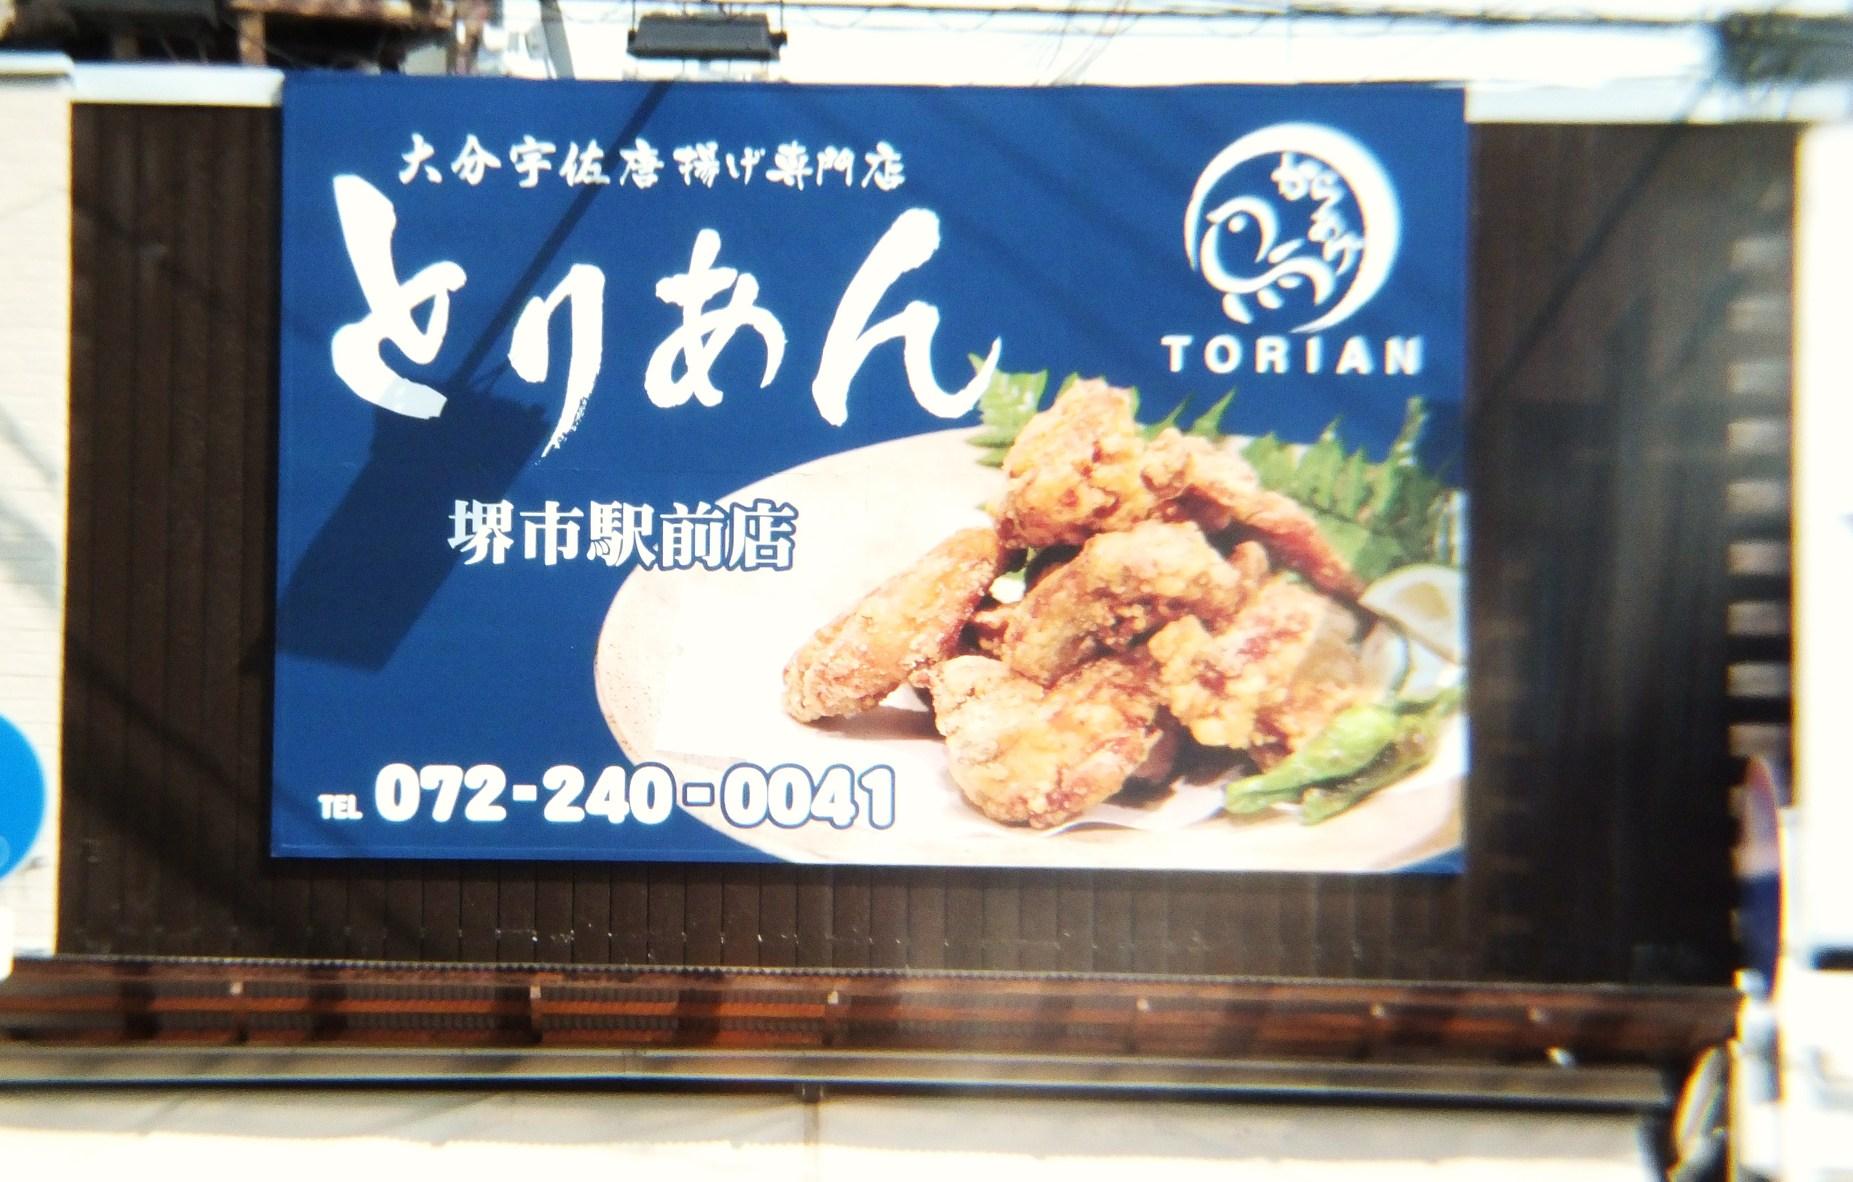 とりあん 堺市駅前店